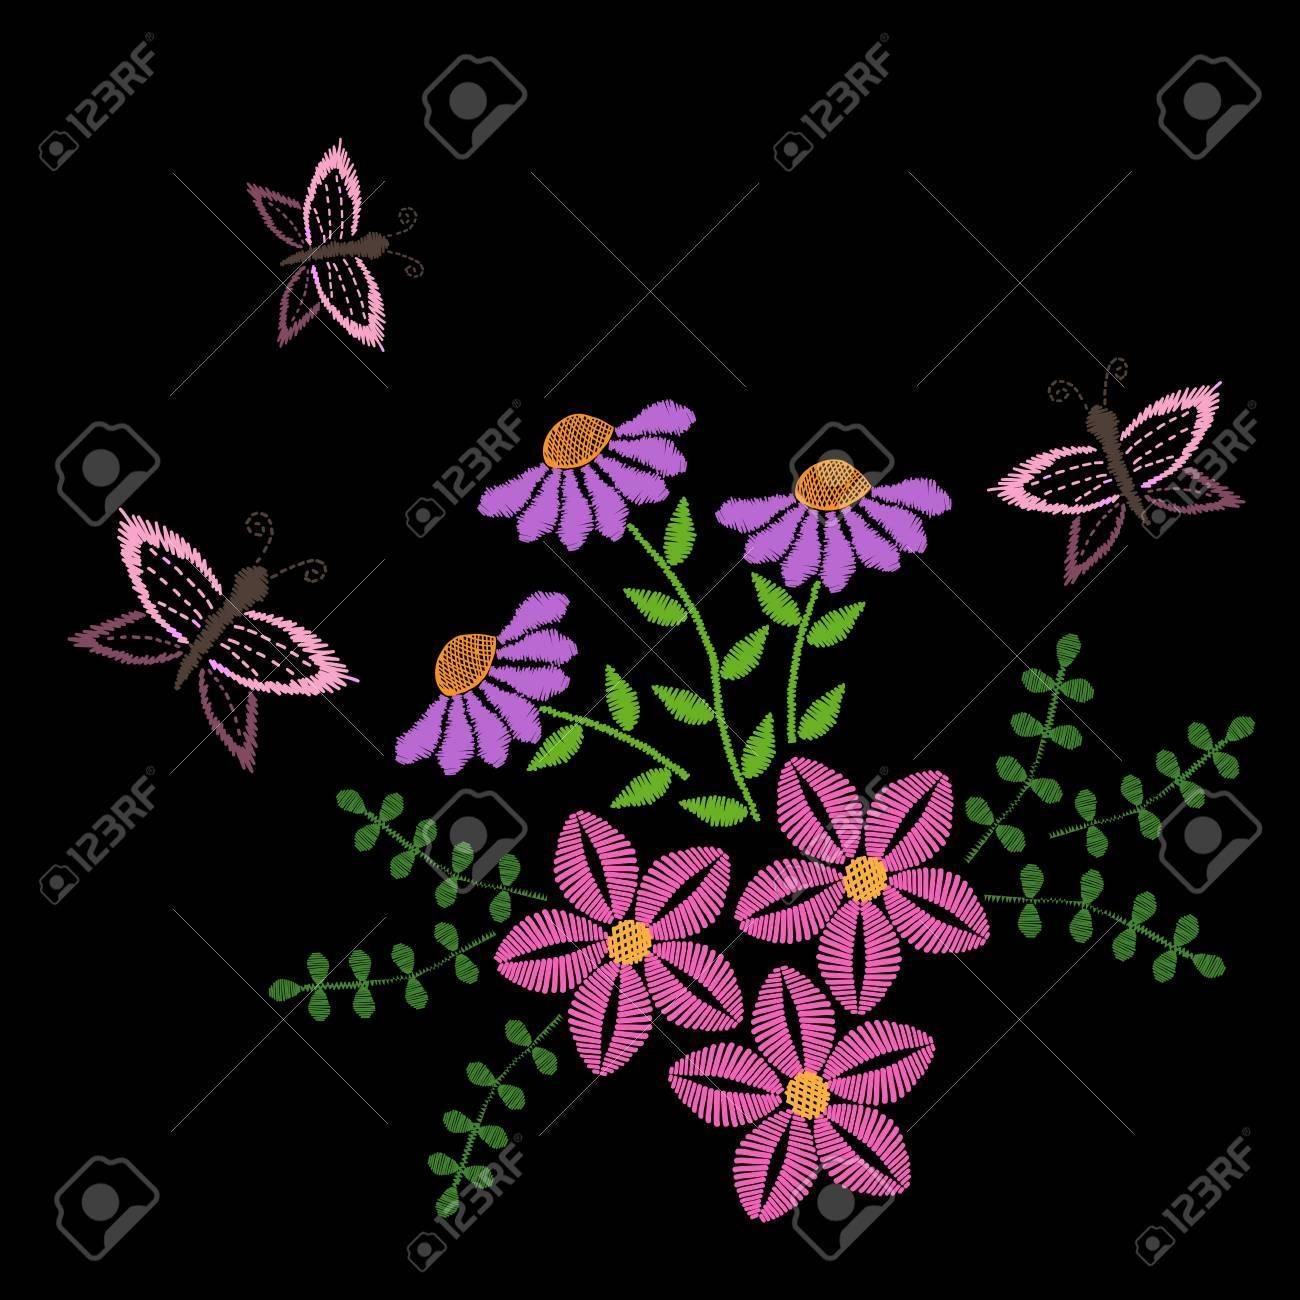 Puntadas De Bordado Imitacion De Flores Con Hojas Y Mariposas